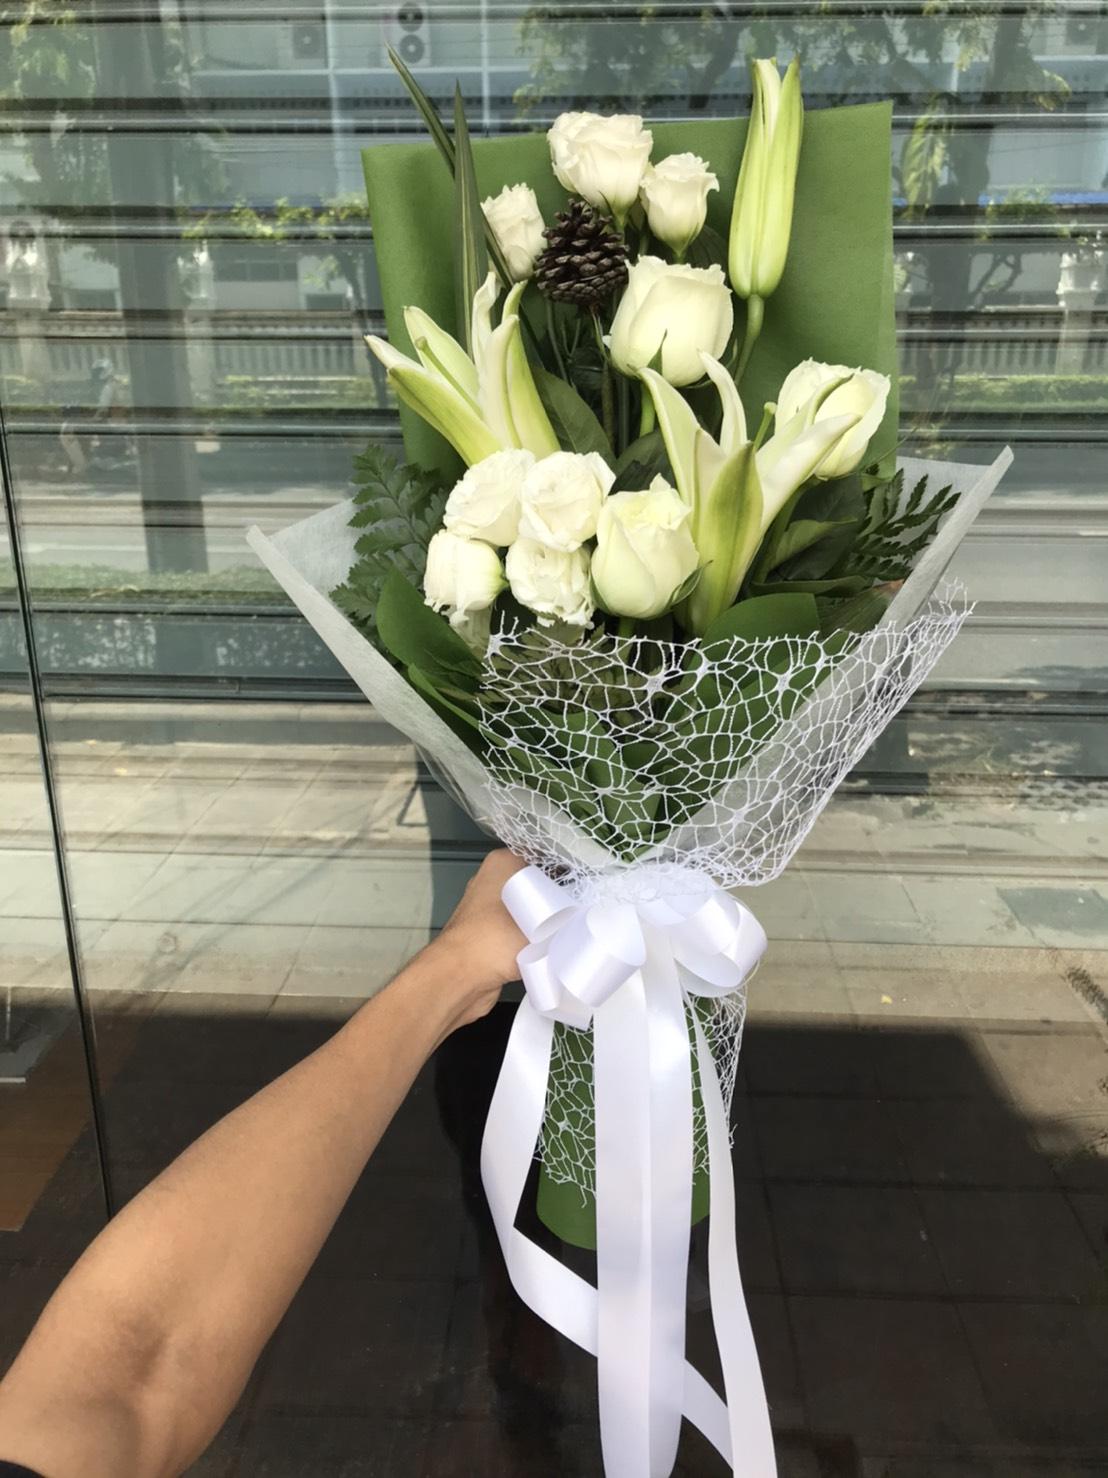 กระเช้าดอกไม้โทนสีขาว ประกอบด้วยดอกไม้สด ลิลลี่ / คาร์เนชั่น / เยอบีร่า / คัตเตอร์